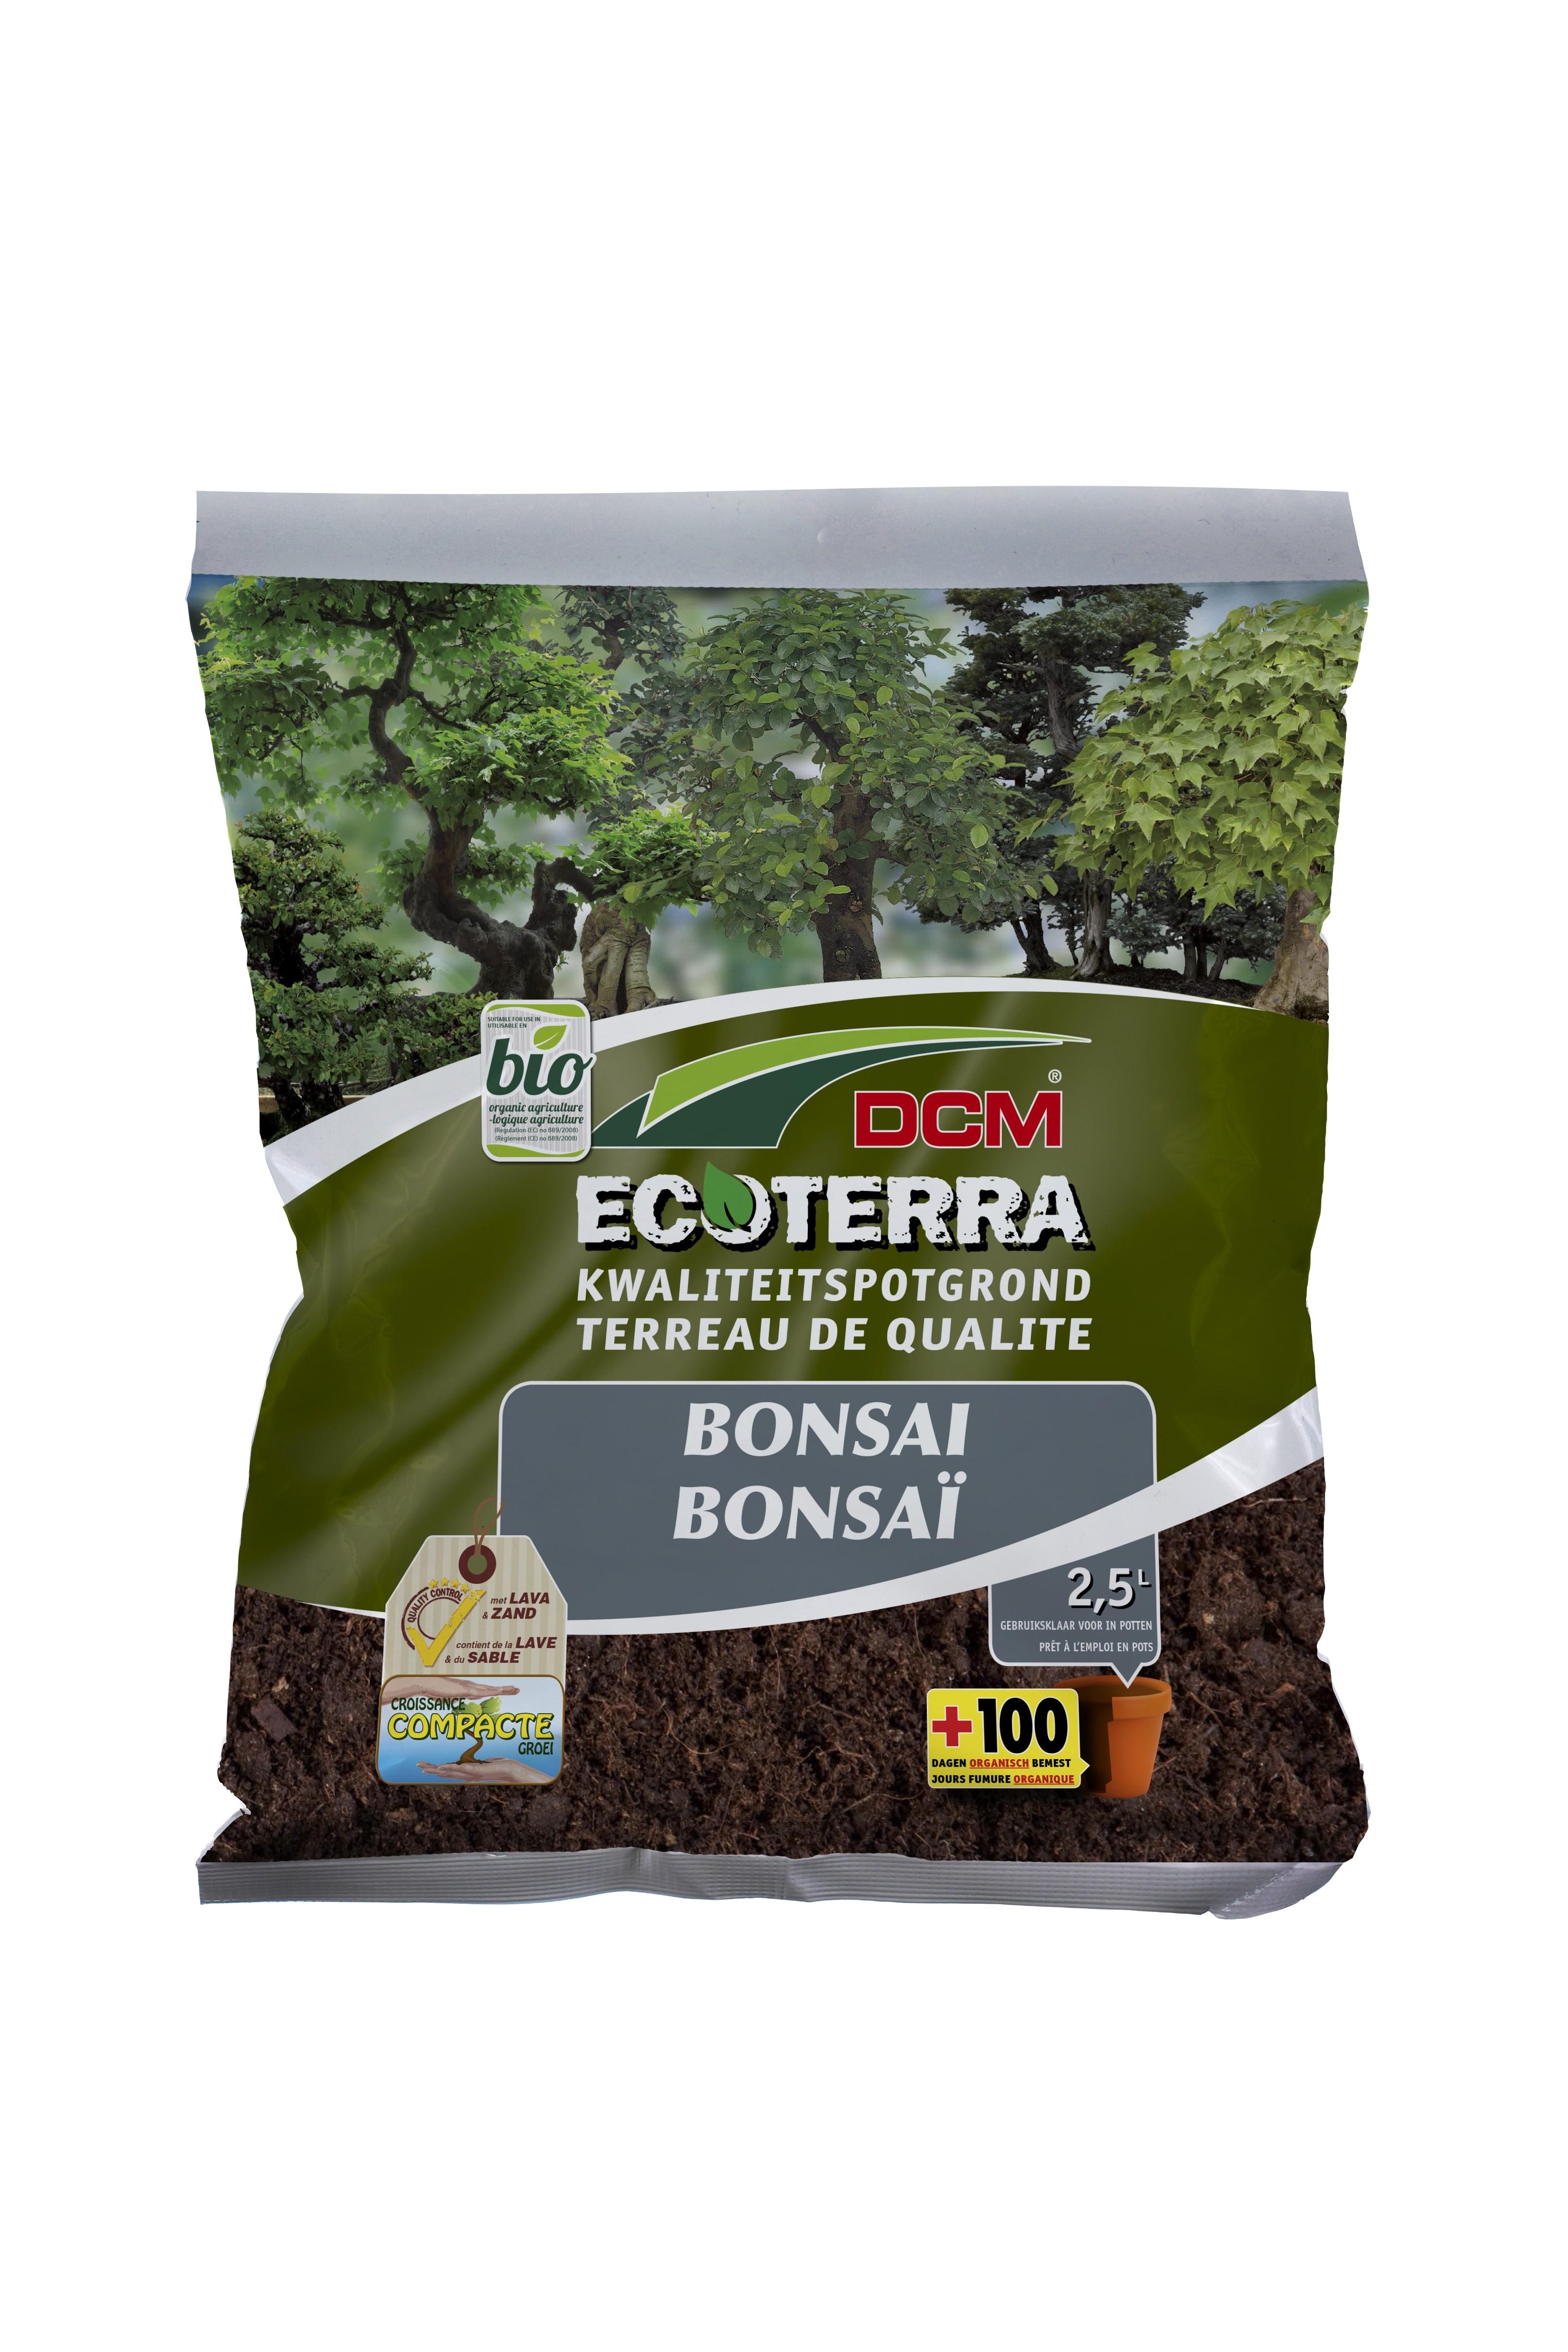 Ecoterra potgrond voor Bonsai